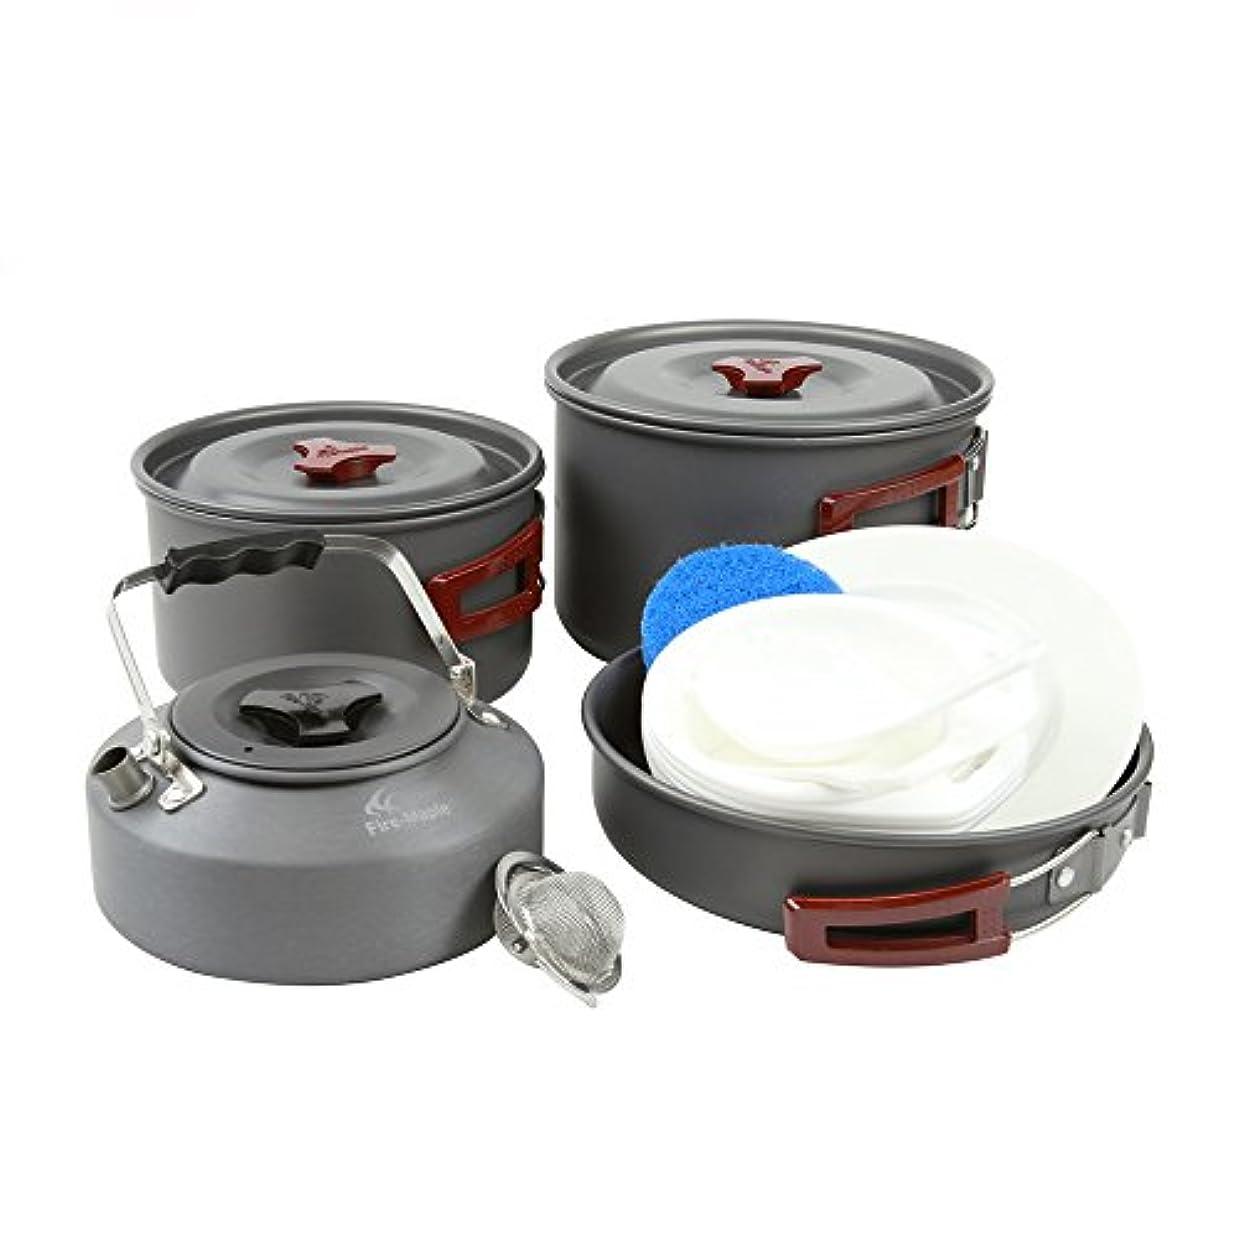 コロニアルインサート単語ファイアメープル製鍋とフライパン キャンプ クッキングセット キャンプ 調理器具 ピクニック アウトドア カトラリー (FMC-209)